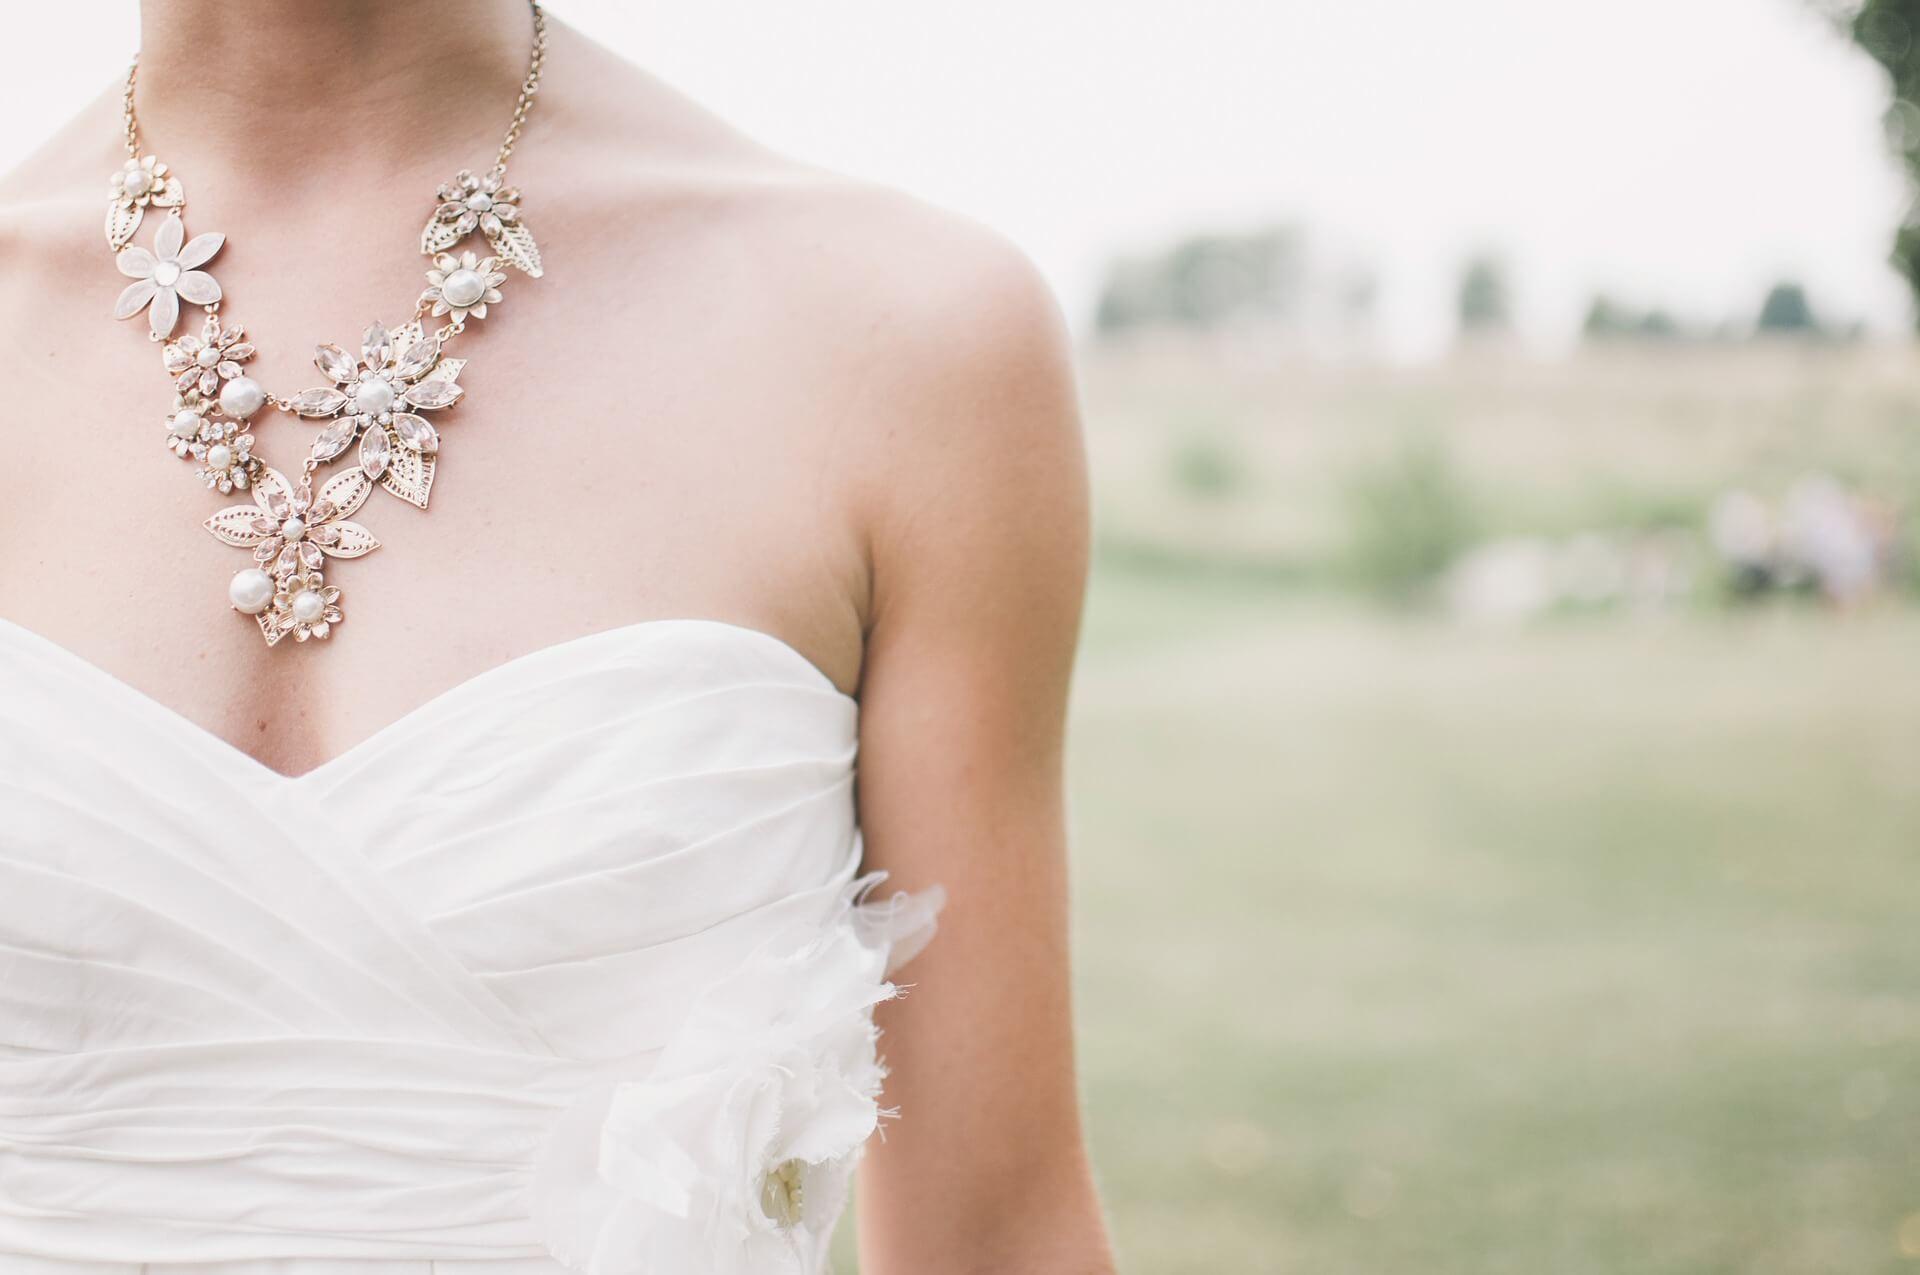 花嫁のフォトウェディング撮影の衣装をまるっと解説!花嫁のドレス・和装のお悩みを解決